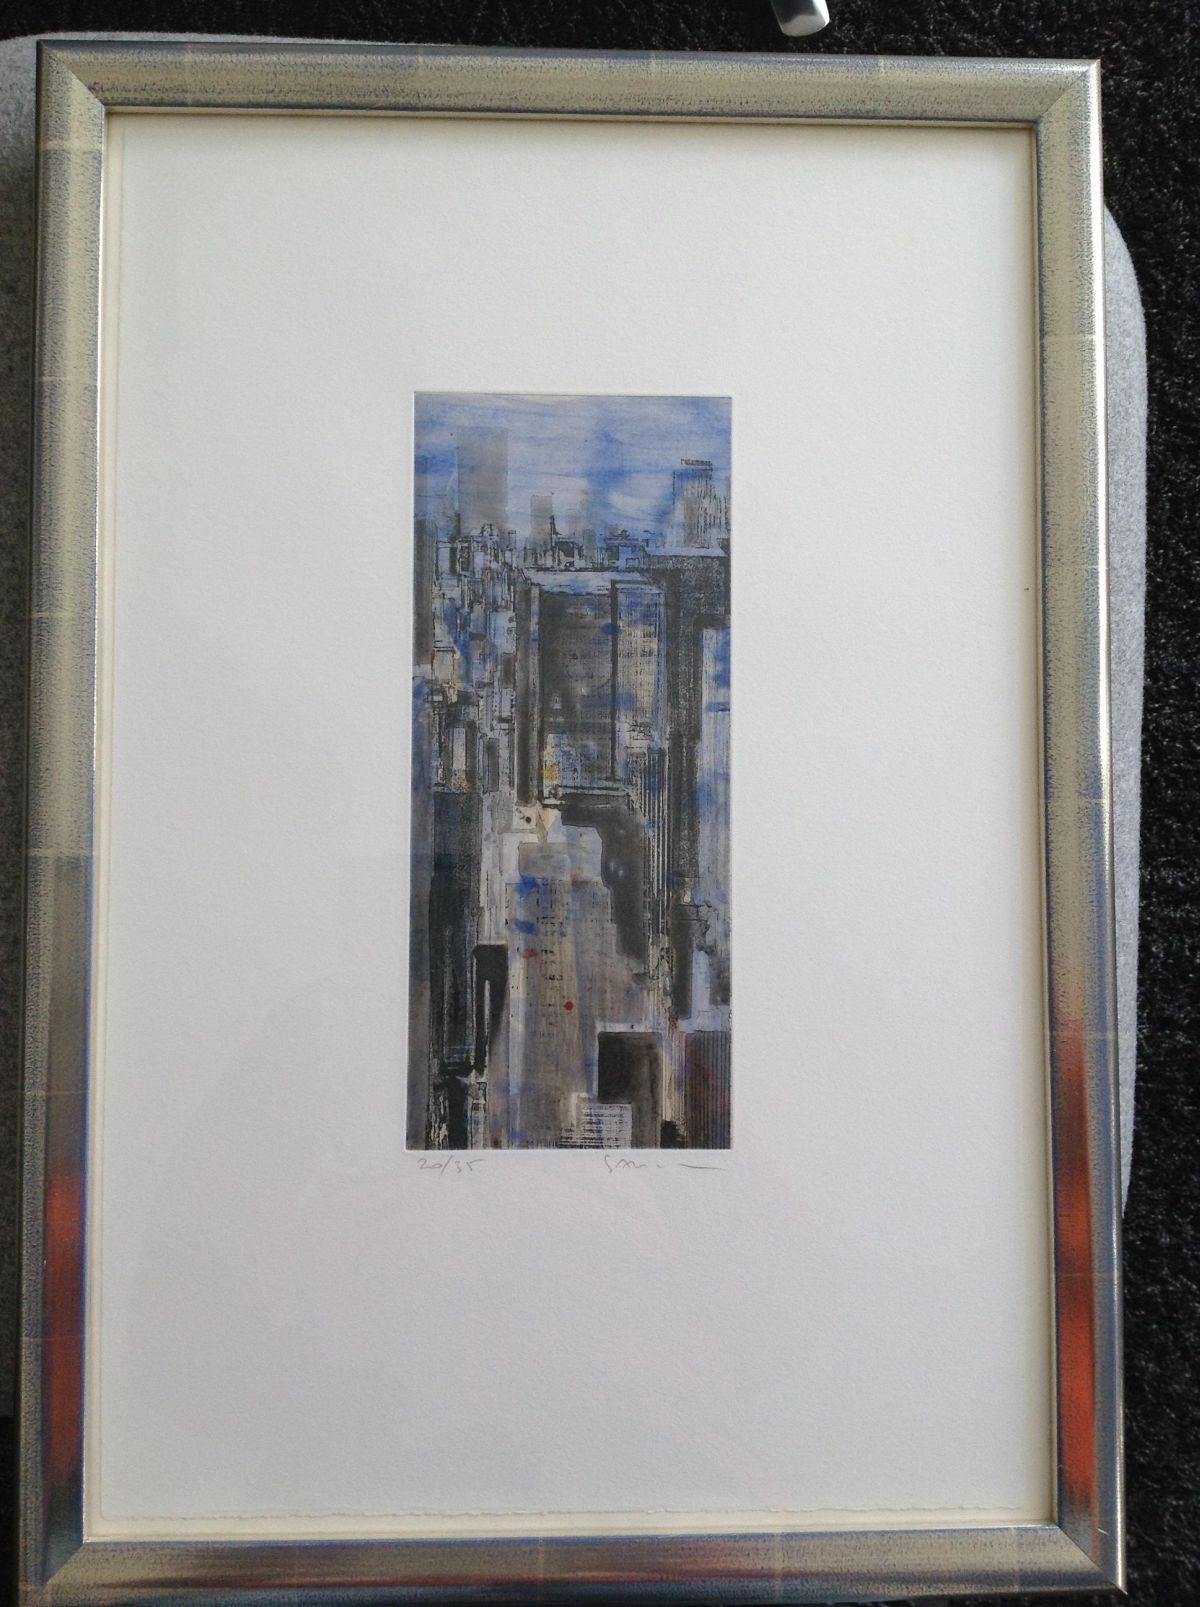 Gottfried Salzmann - Farbradierung New York-handkoloriert, sign.,nummeriert-Ex.20/35 kopen? Bied vanaf 270!